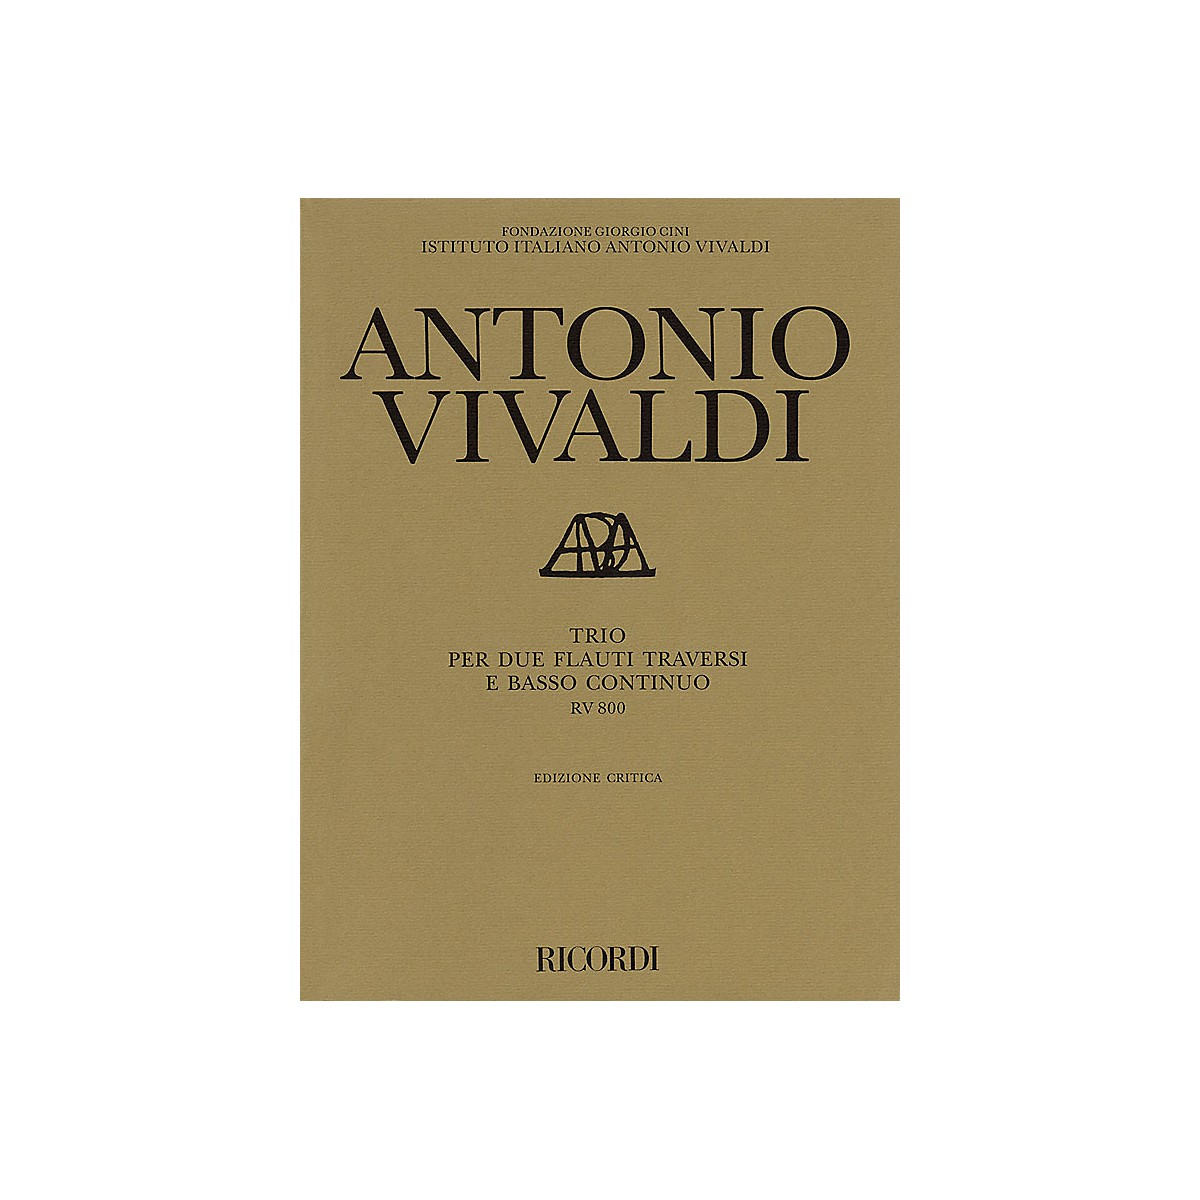 Ricordi Trio for 2 Transverse Flutes and Basso Continuo RV800 Ensemble Series by Antonio Vivaldi